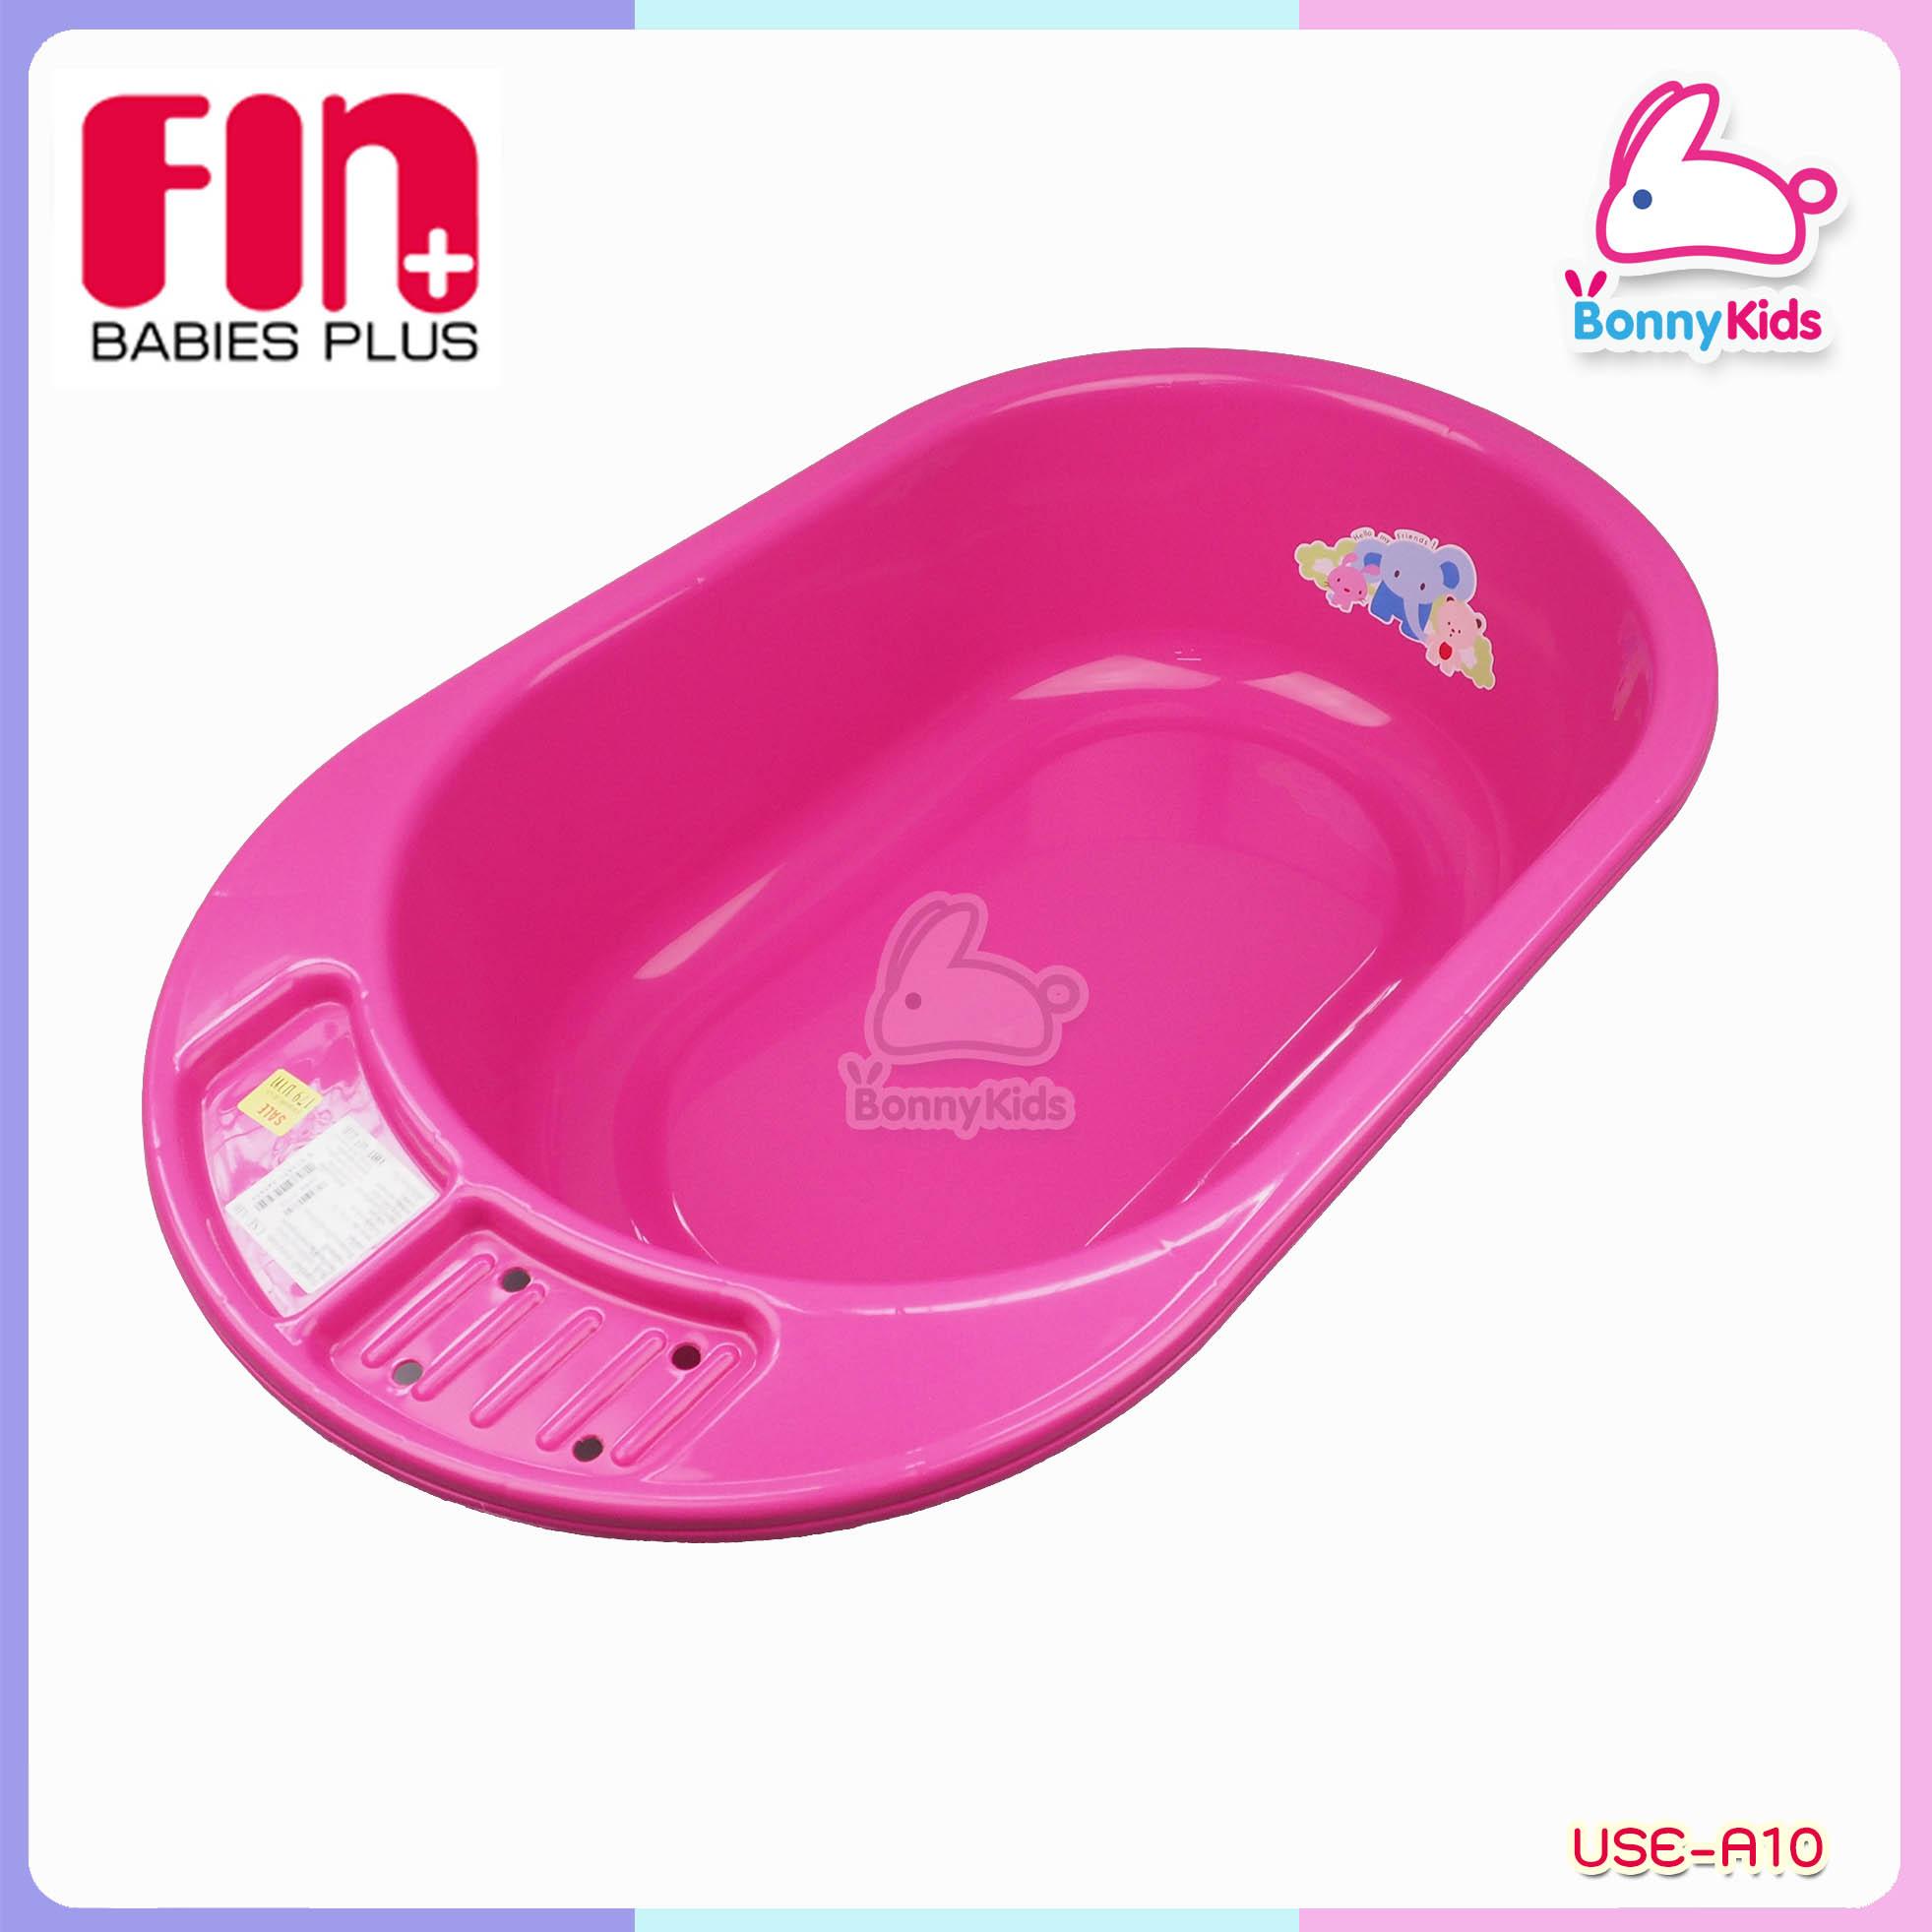 อ่างอาบน้ำ farlin สีชมพู